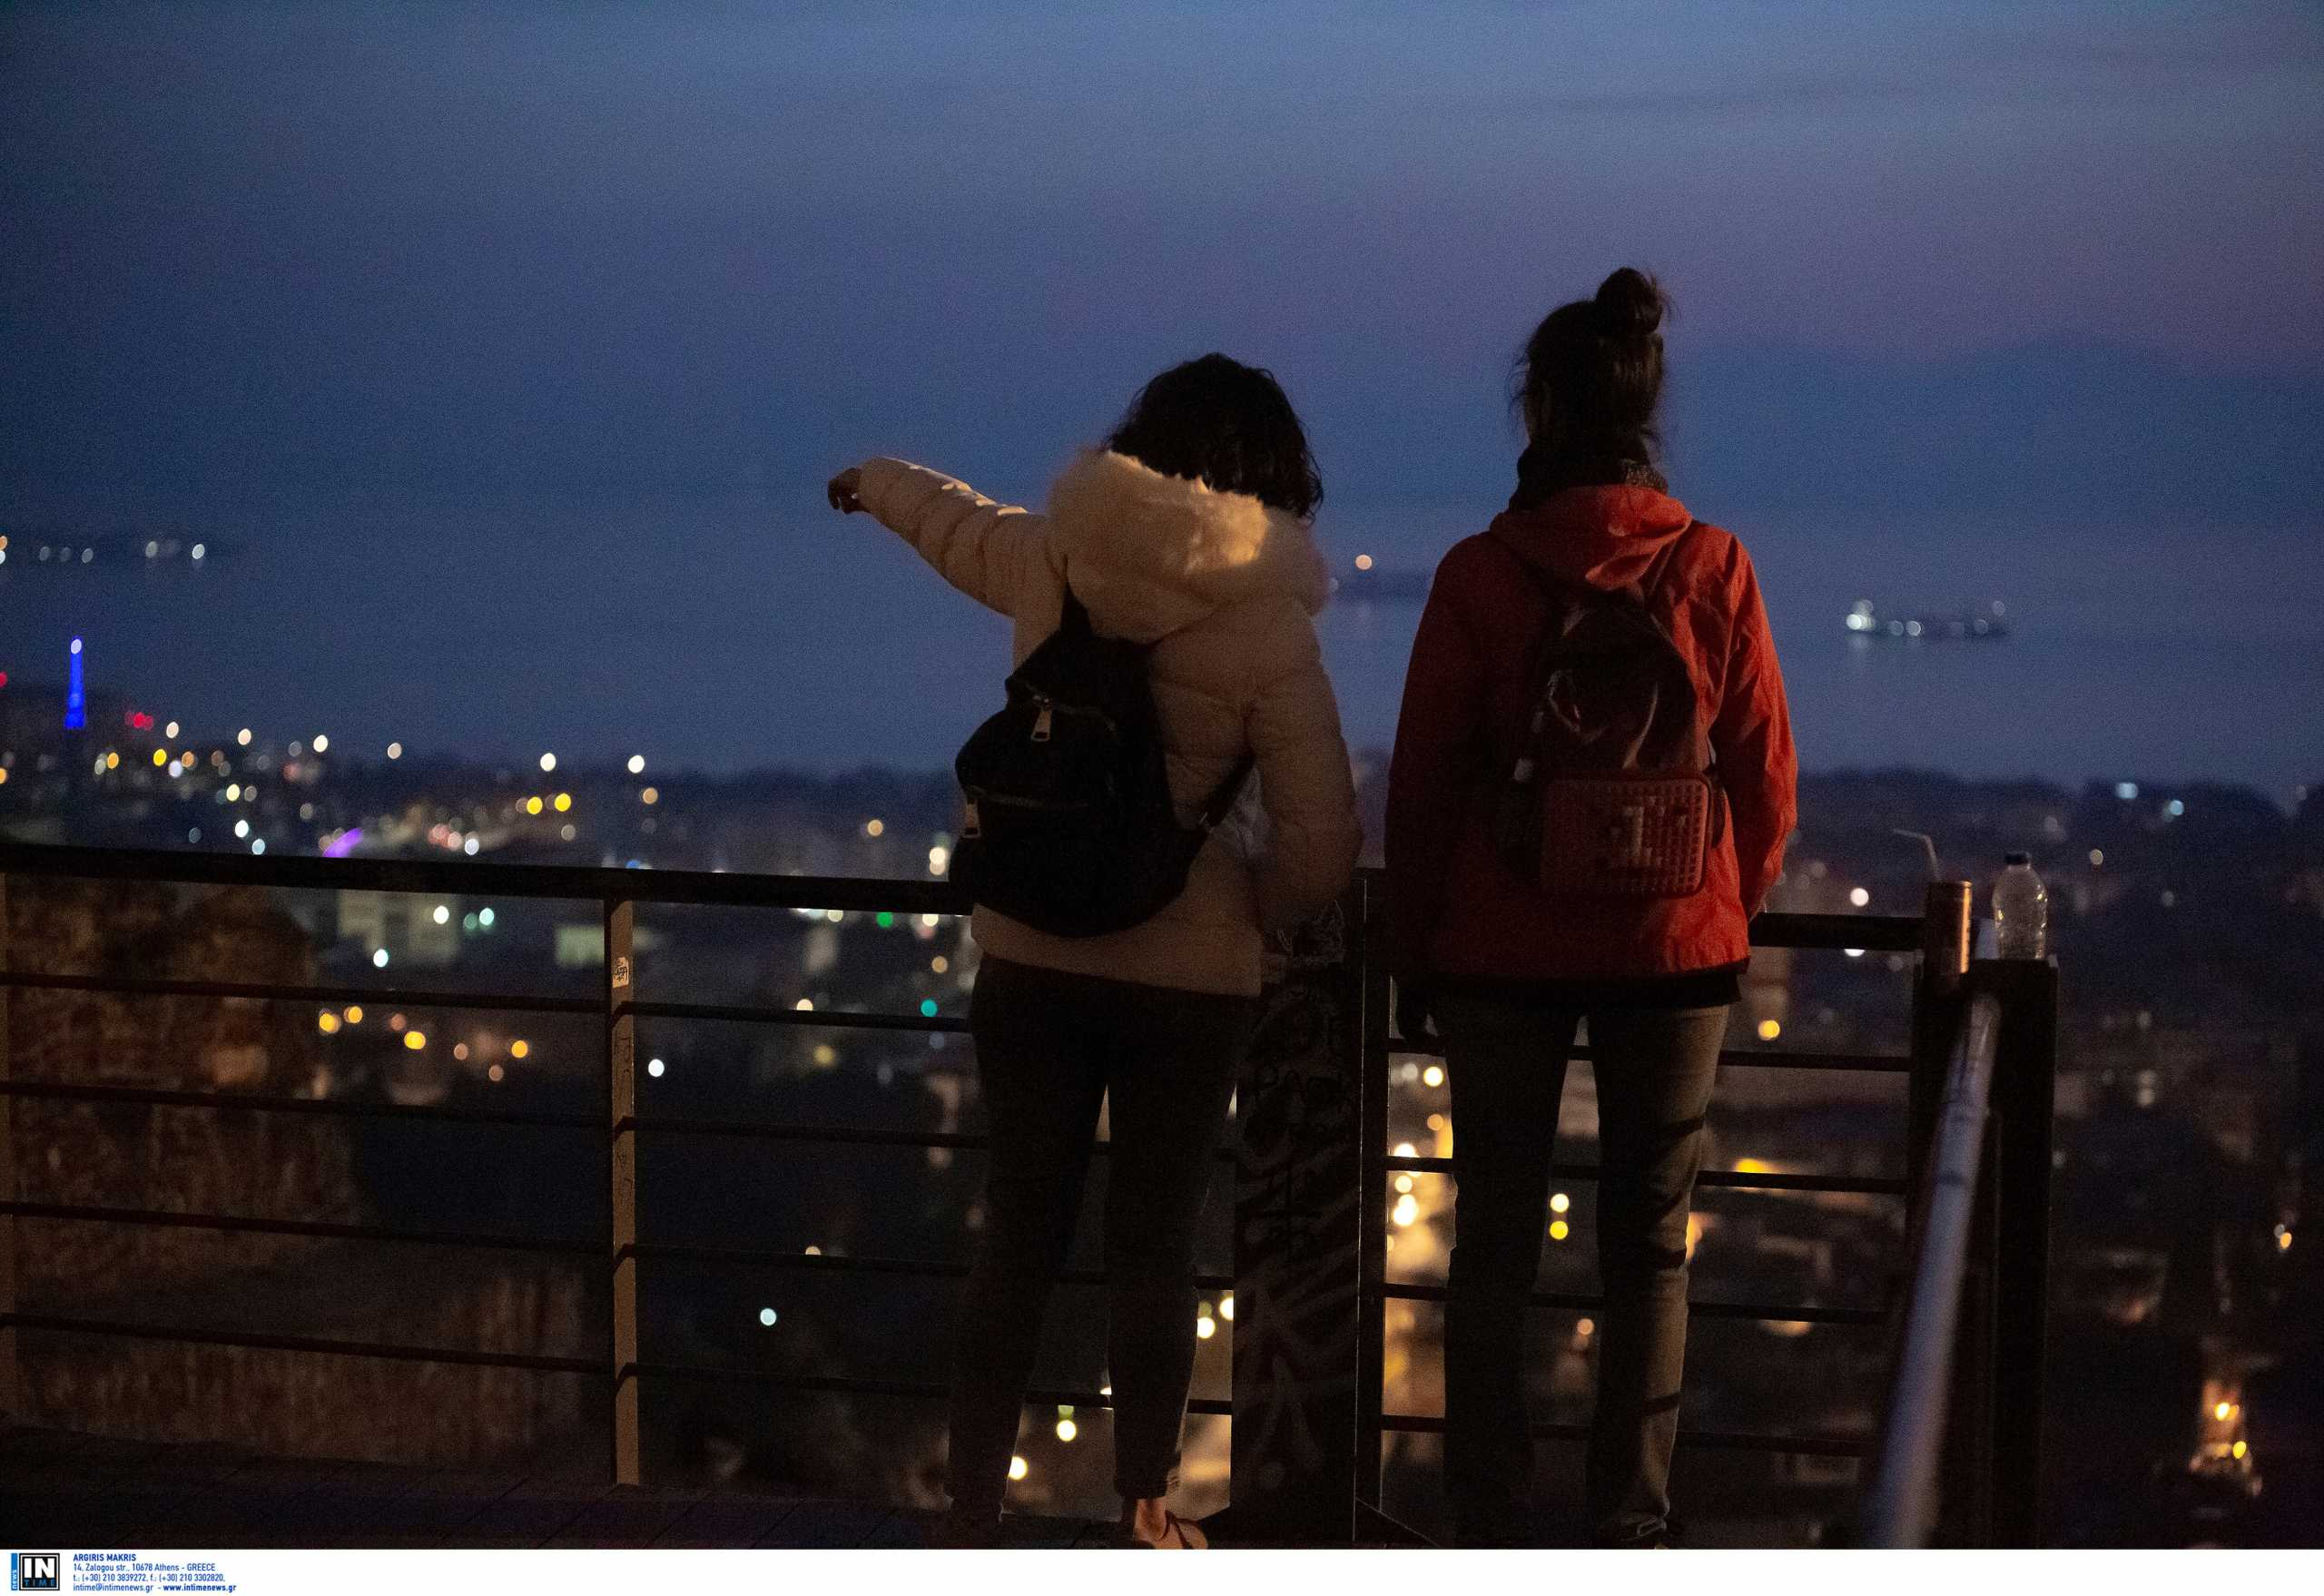 Πήδηξαν από μπαλκόνι στη Θεσσαλονίκη για να γλιτώσουν το πρόστιμο για το κορονο-πάρτι (video)